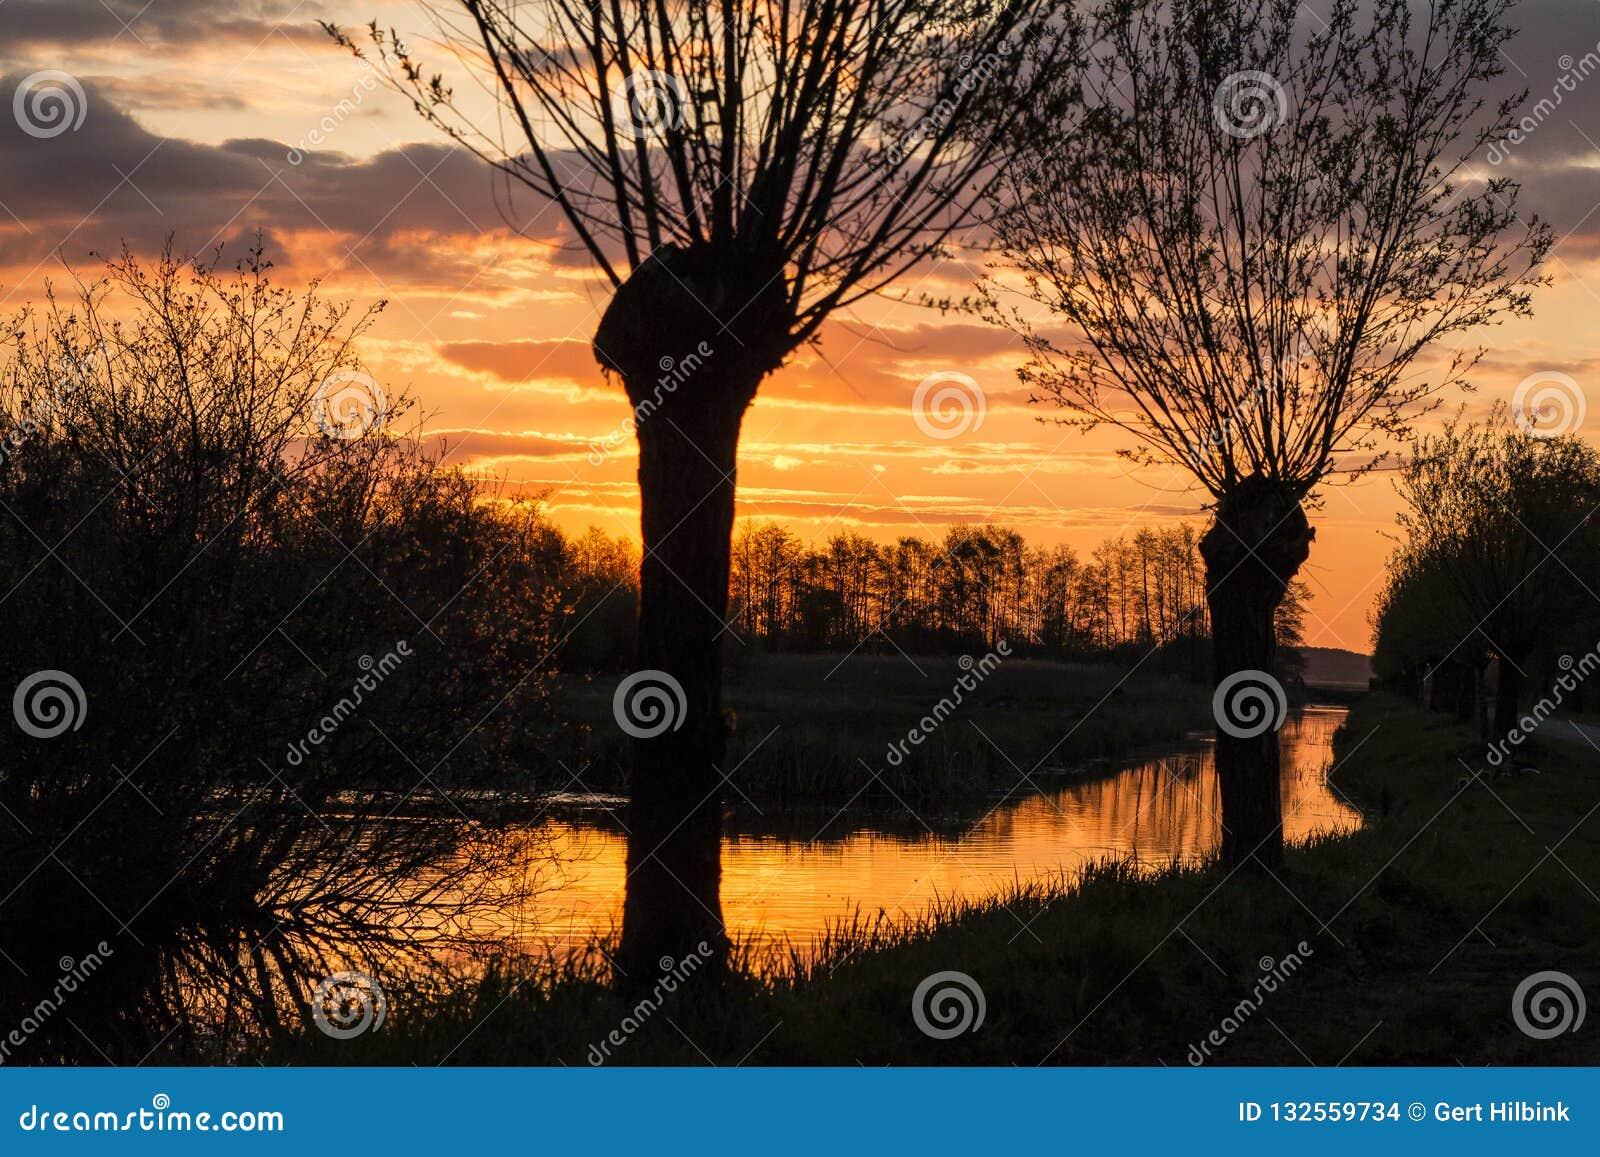 风景在荷兰,荷兰风景